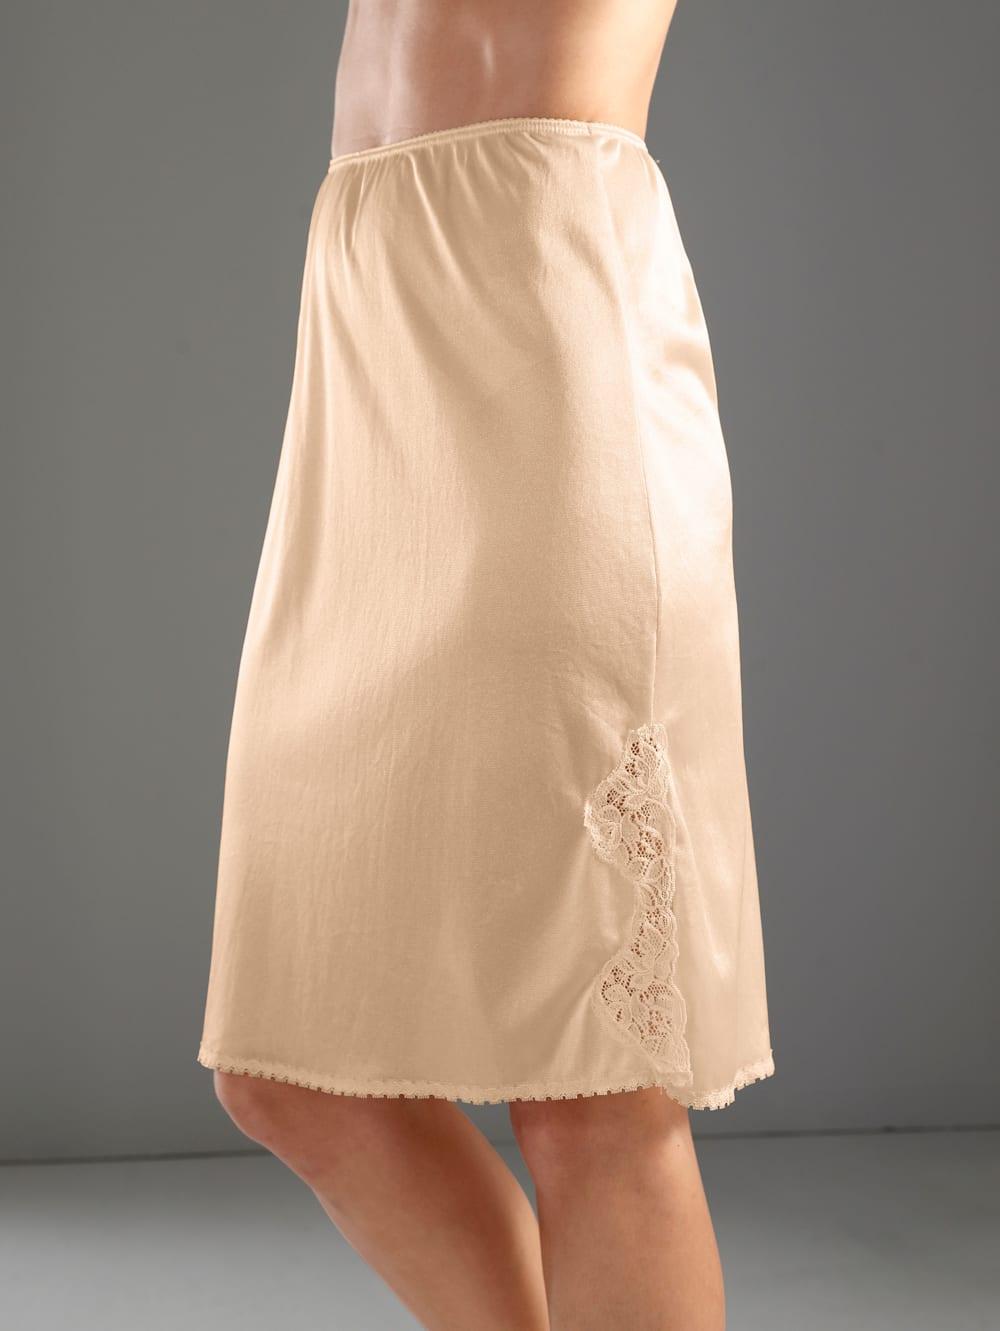 atmungsaktiv und antistatisch gestrickt Antamaca Damen Unterrock aus Maulbeerseide tailliert